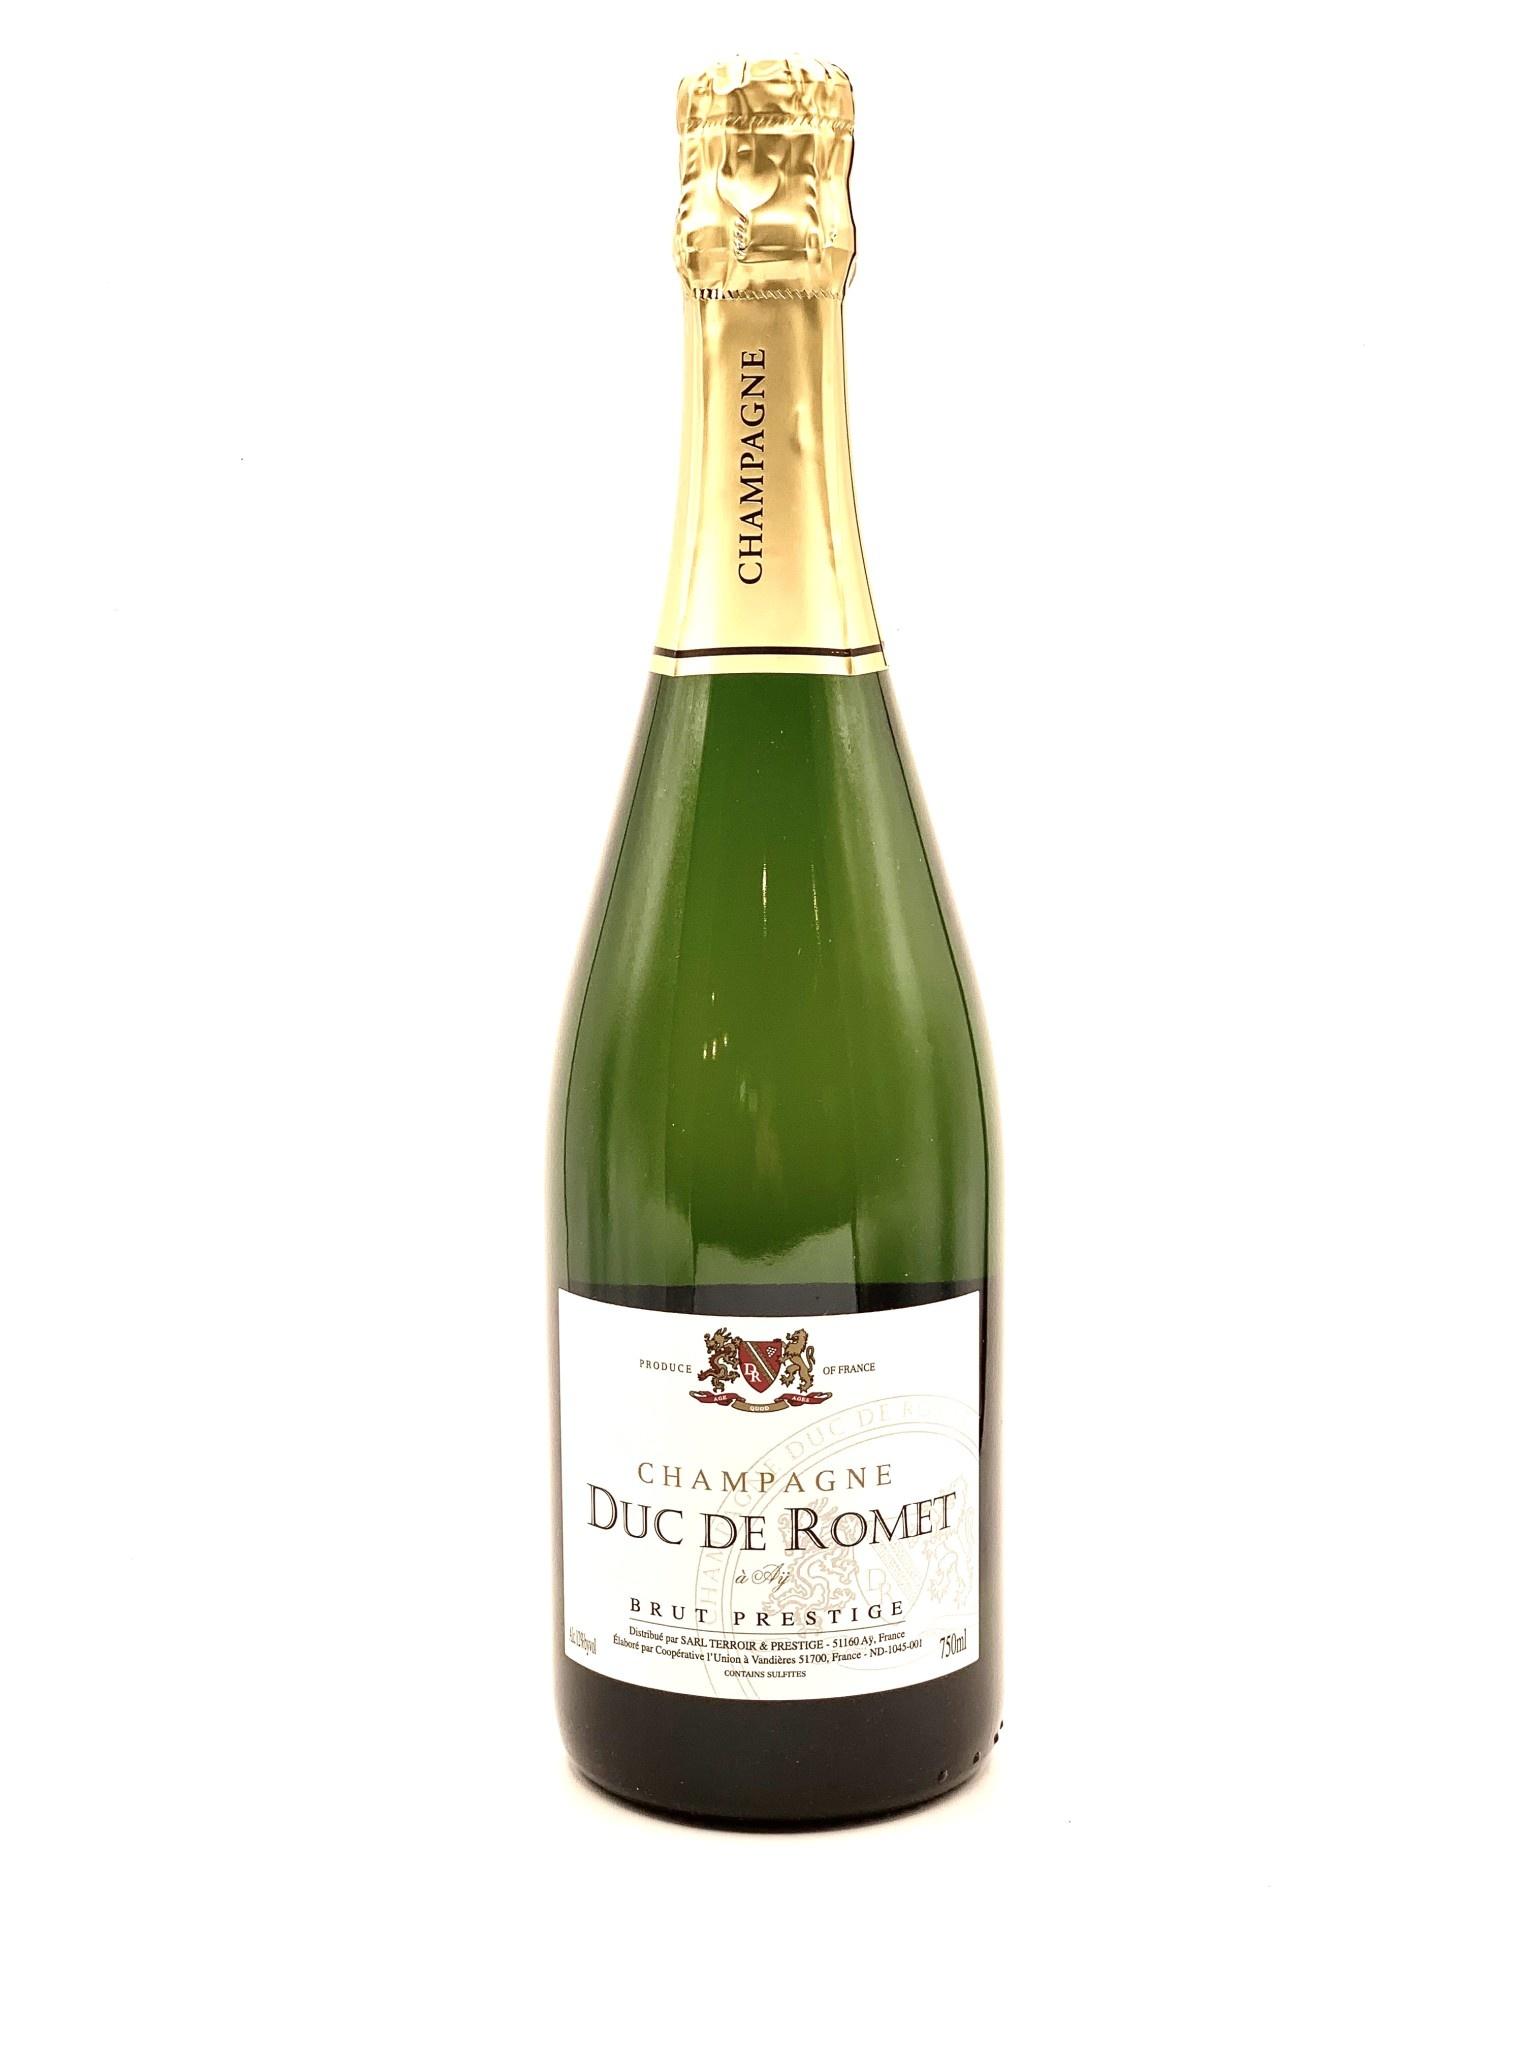 """Champagne Brut NV Rene Geoffroy """"Duc de Romet Prestige"""" 750ml"""